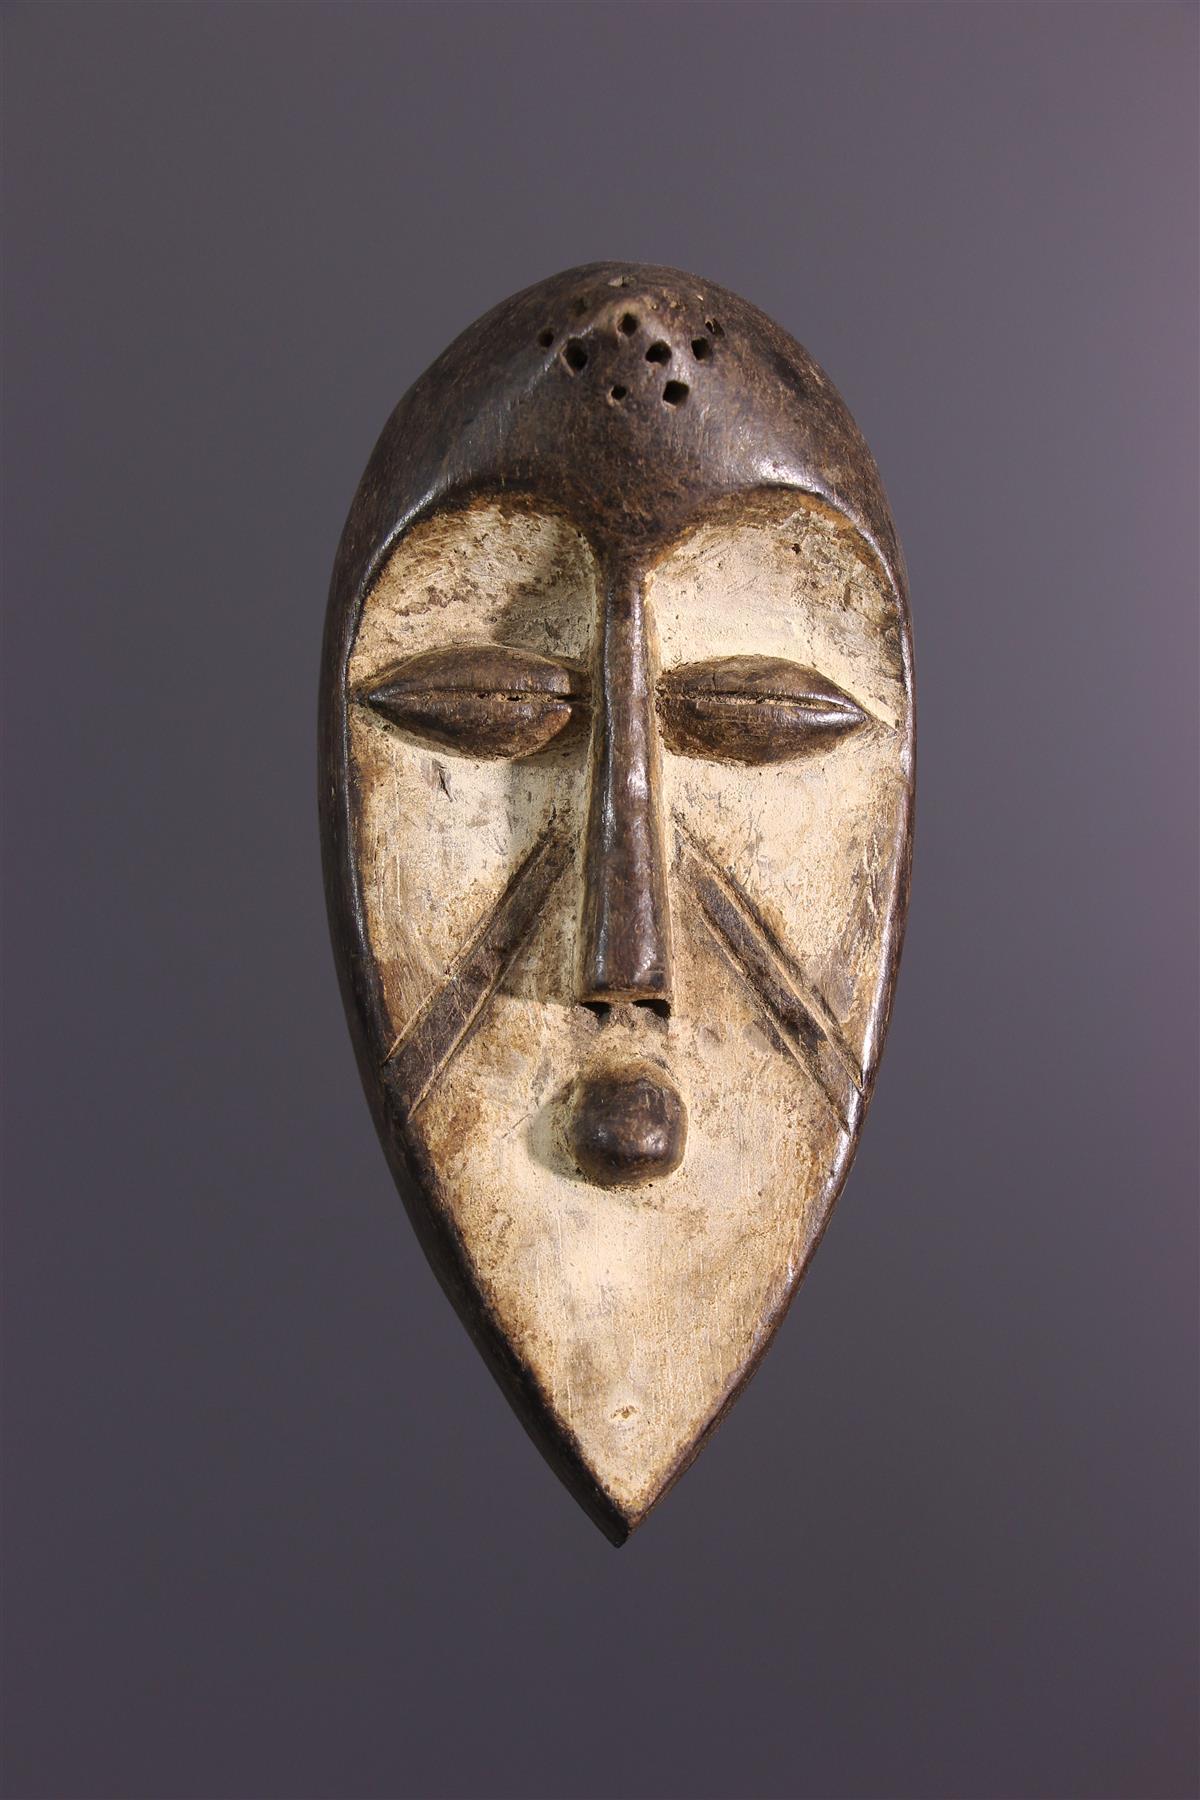 Masquette League - African art